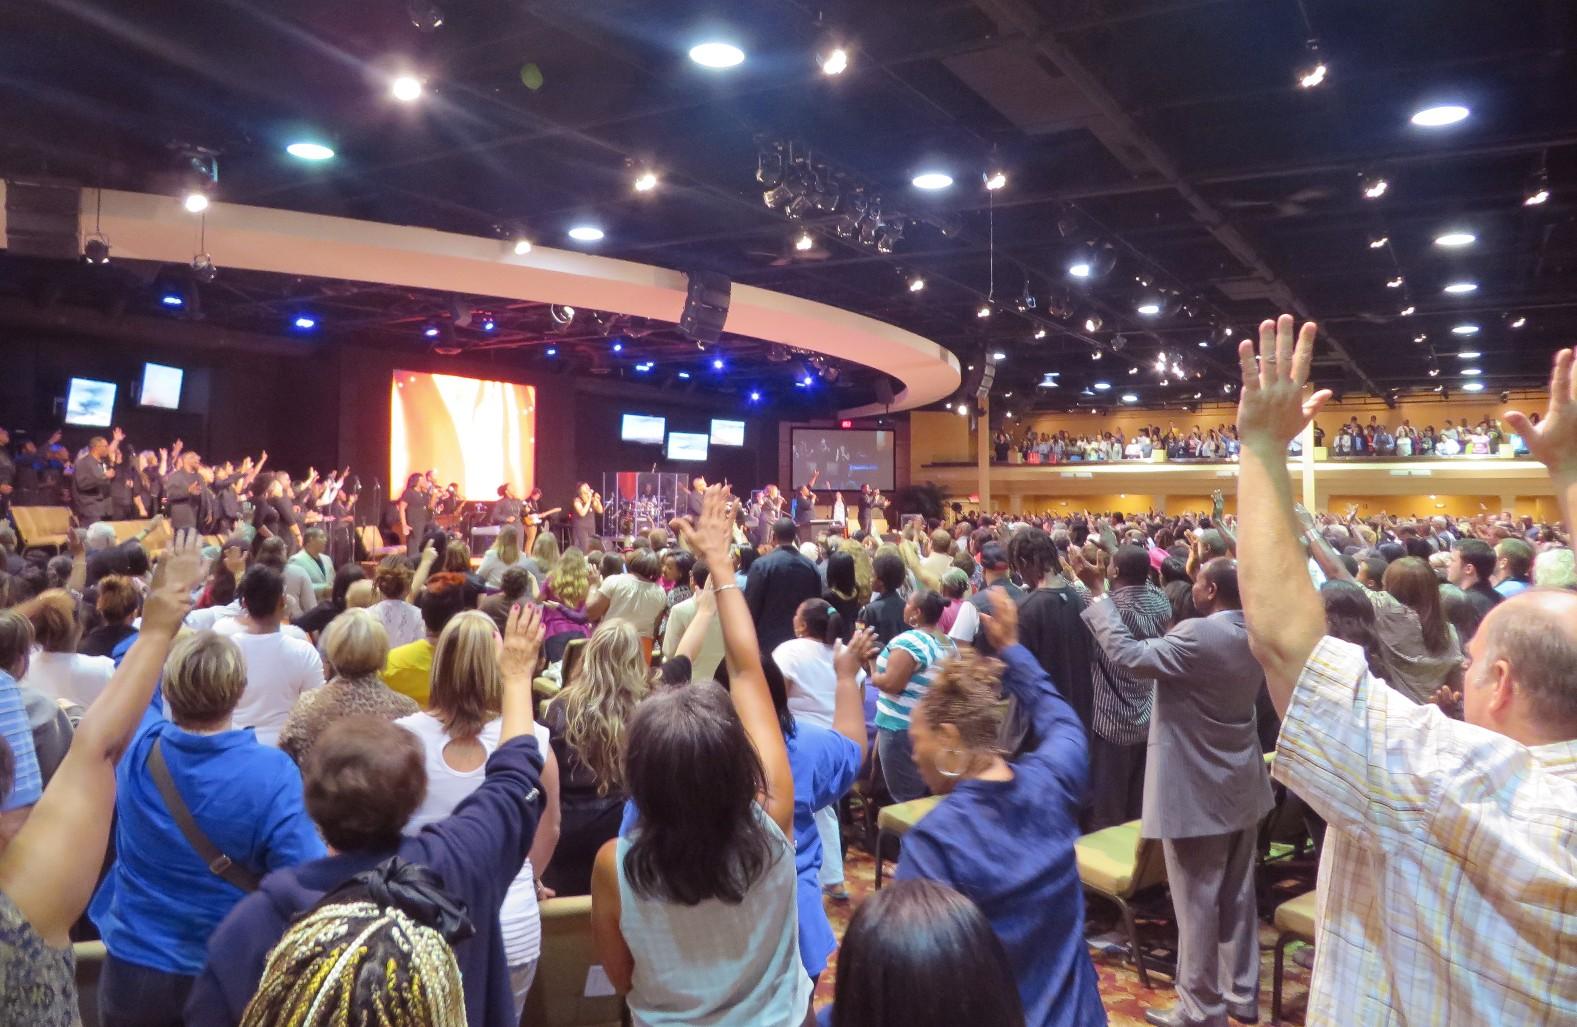 Cornerstone_Church_Toledo_worship